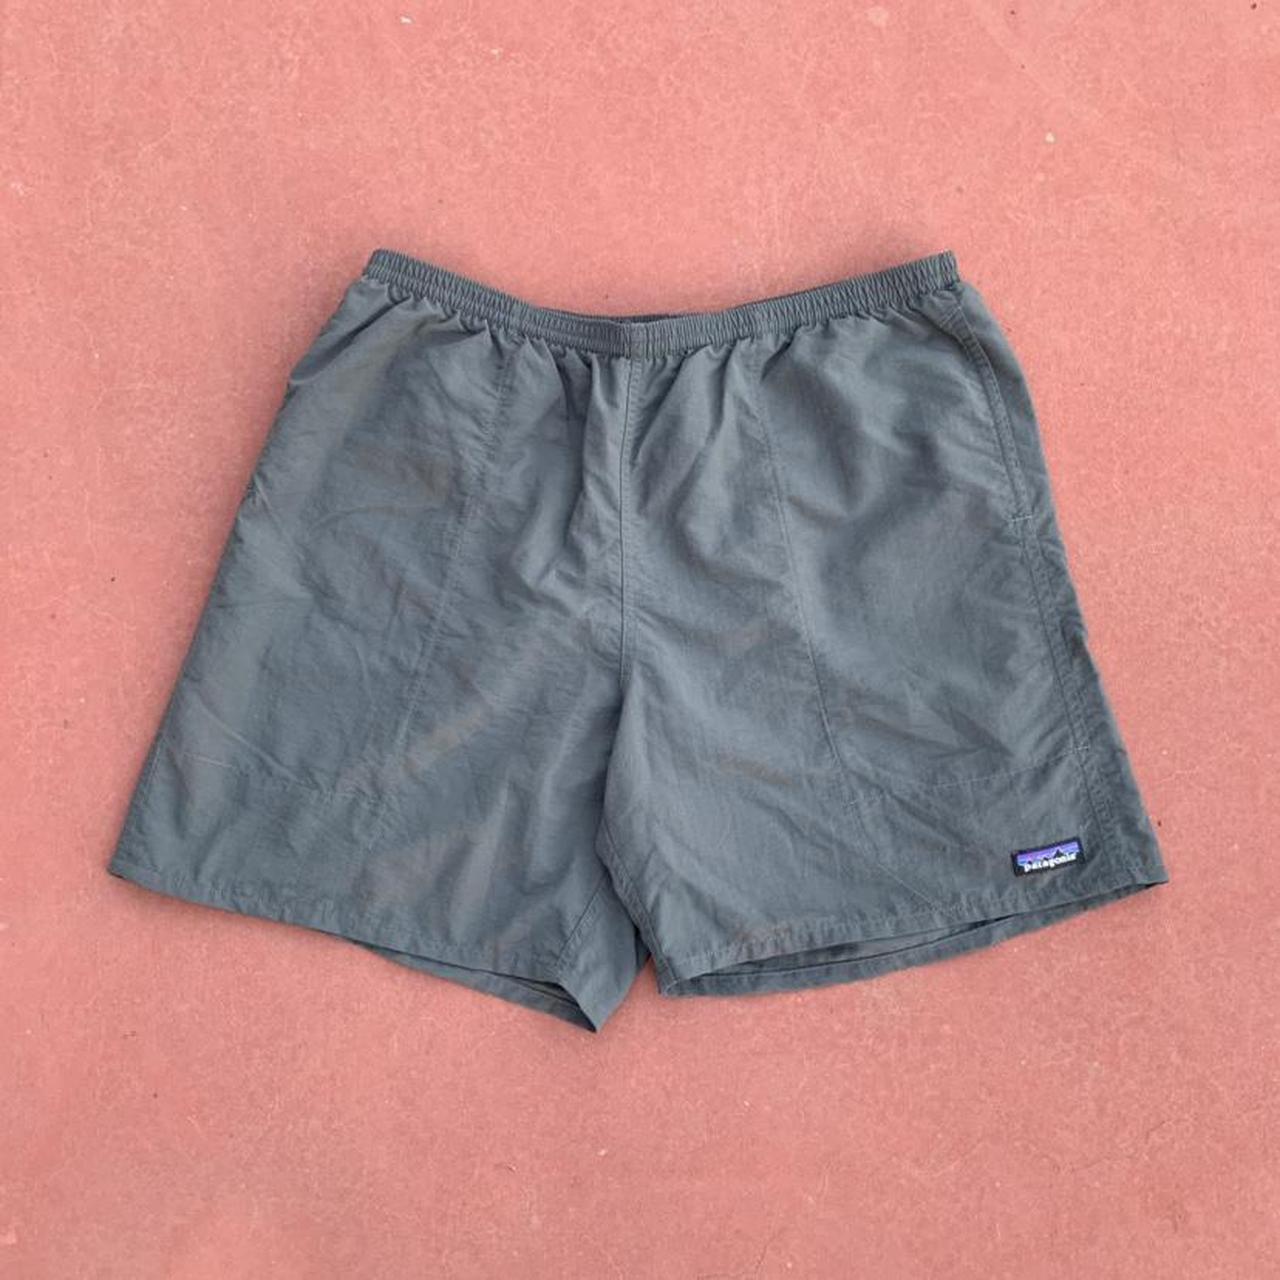 Product Image 1 - Patagonia Baggies Shorts Gray Color 100% nylon